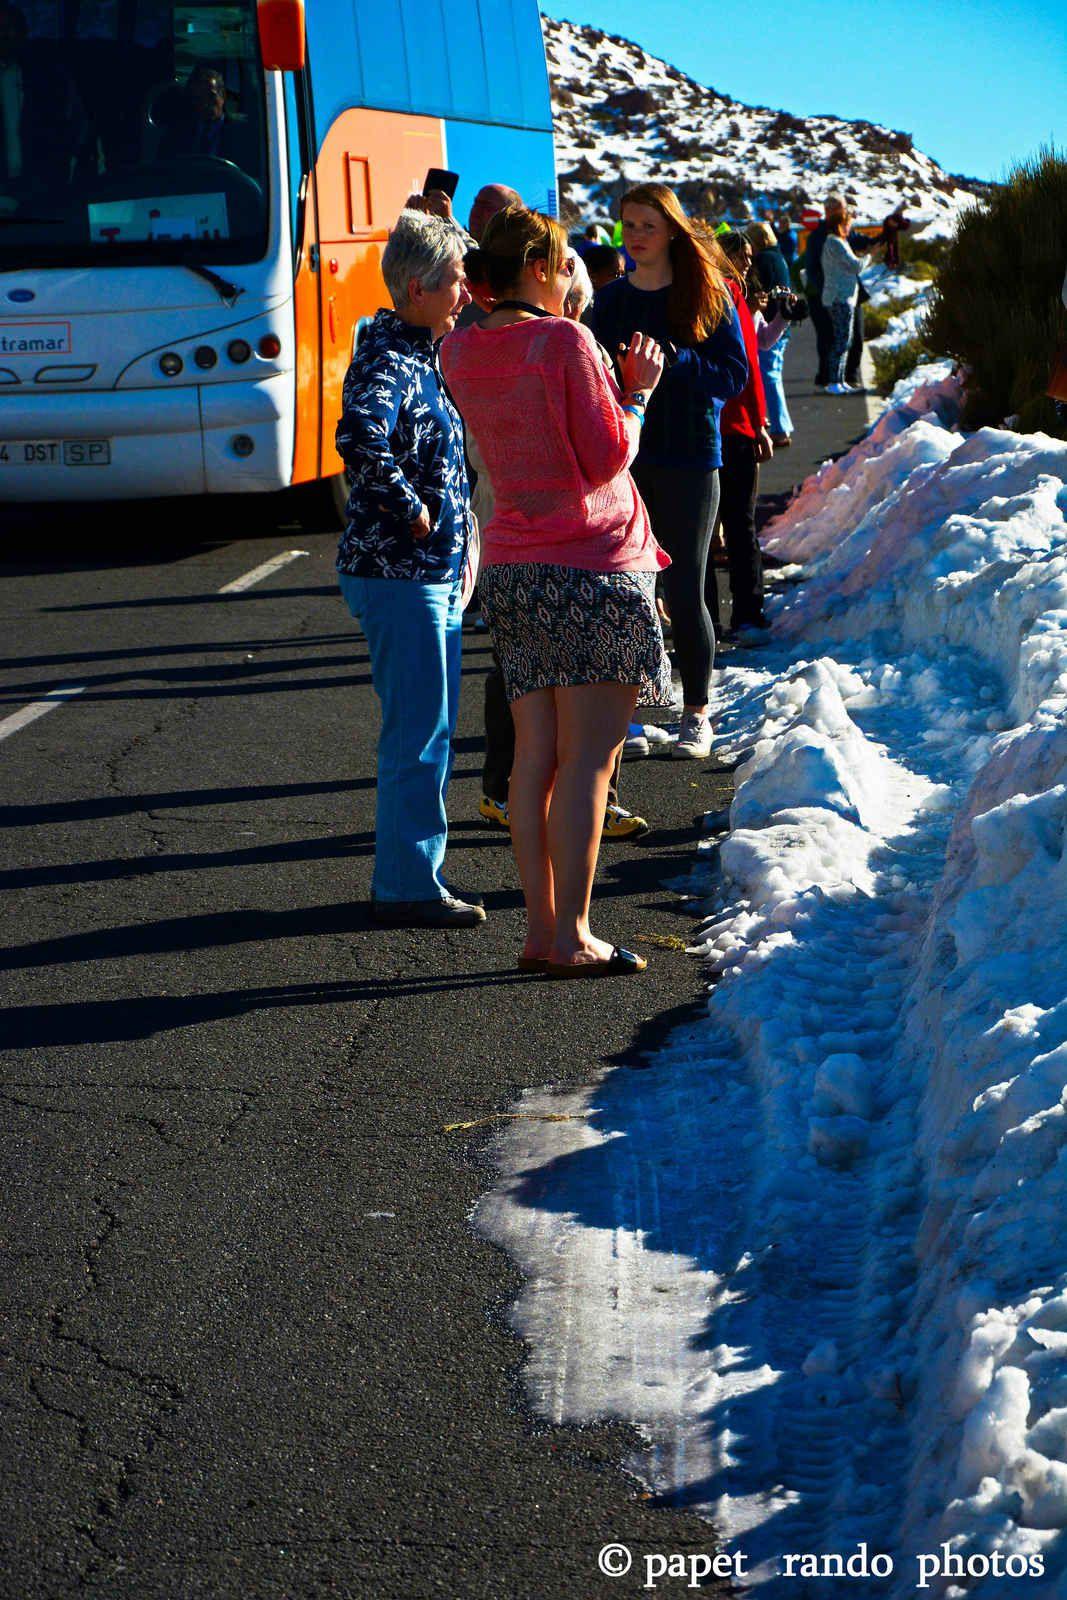 15 ans de randos sur le Teide ( 2004 la premiere) en janvier,fevrier,mars, avec quelques fois beaucoup de neige